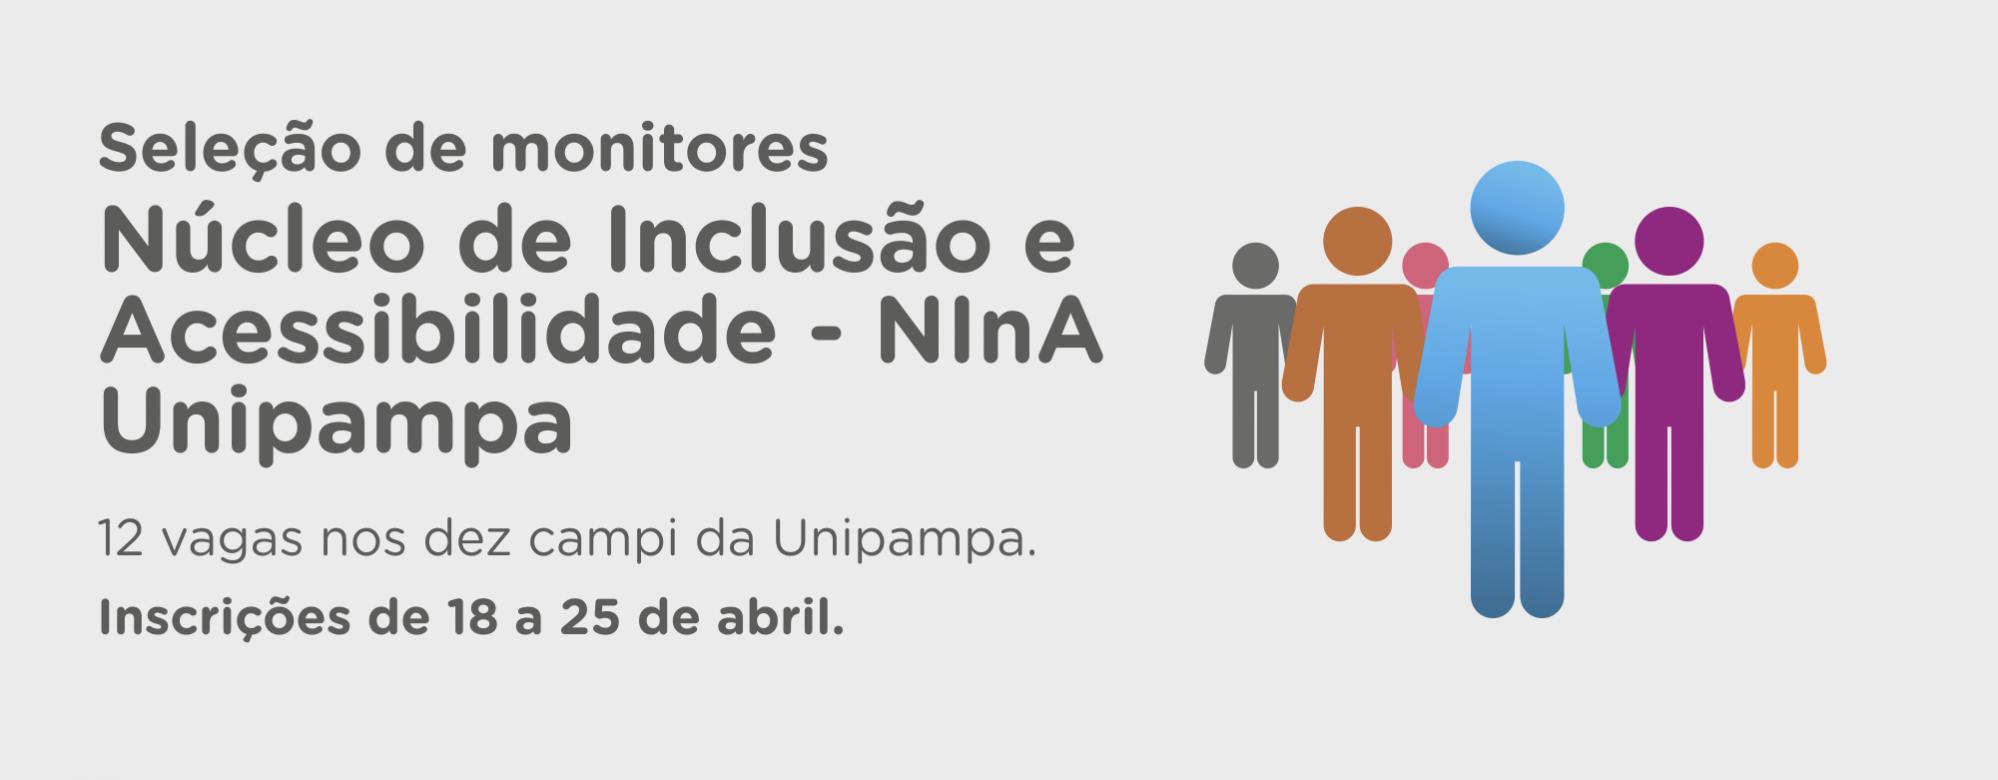 Banner publicitário anunciando a seleção de monitores para o Núcleo de Inclusão e Acessibilidade da Unipampa.